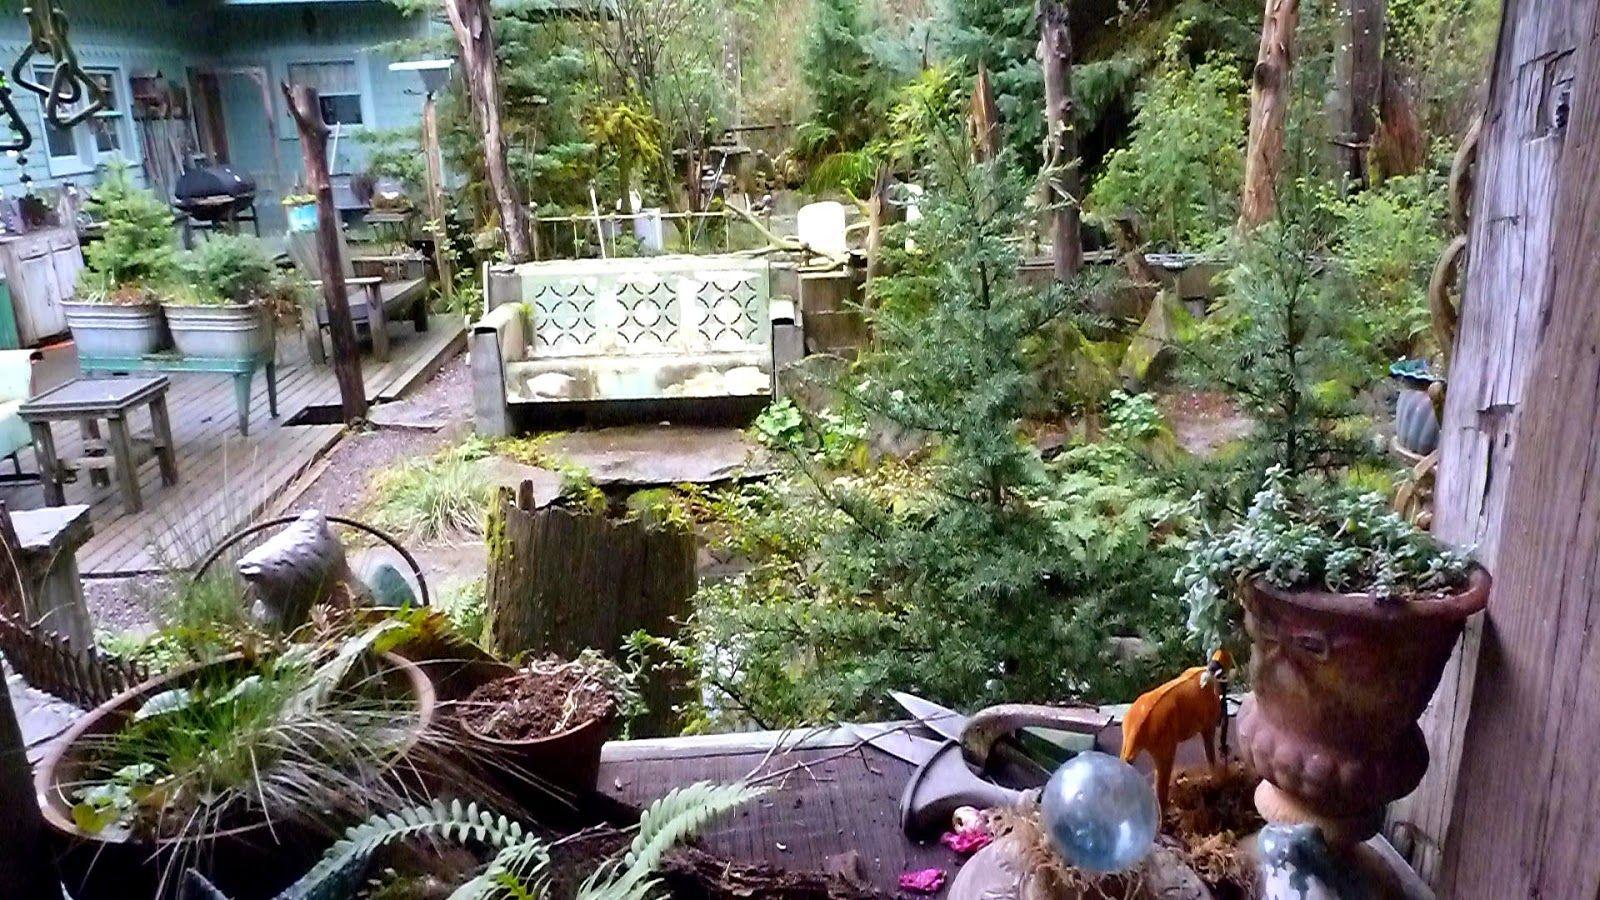 bosky+dell+back+porch.jpg 1,600×900 pixels   Habitat ...